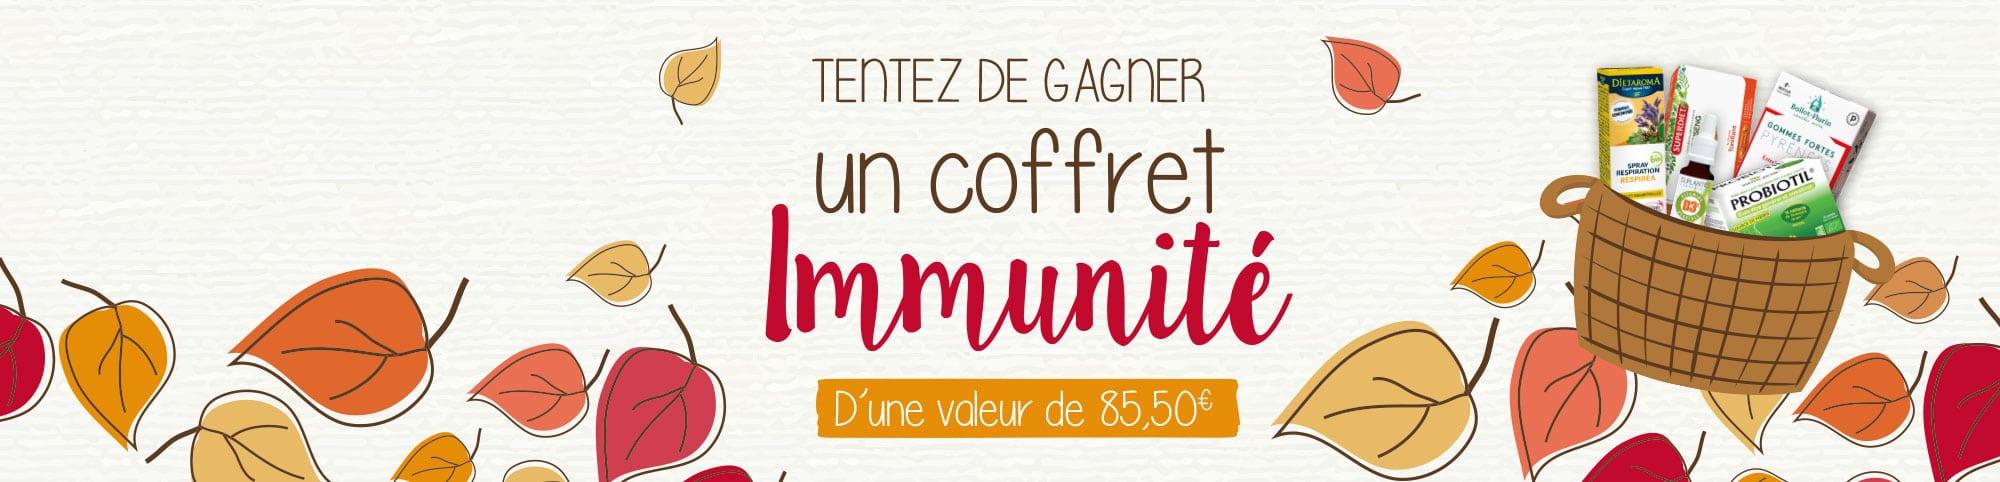 Concours immunité